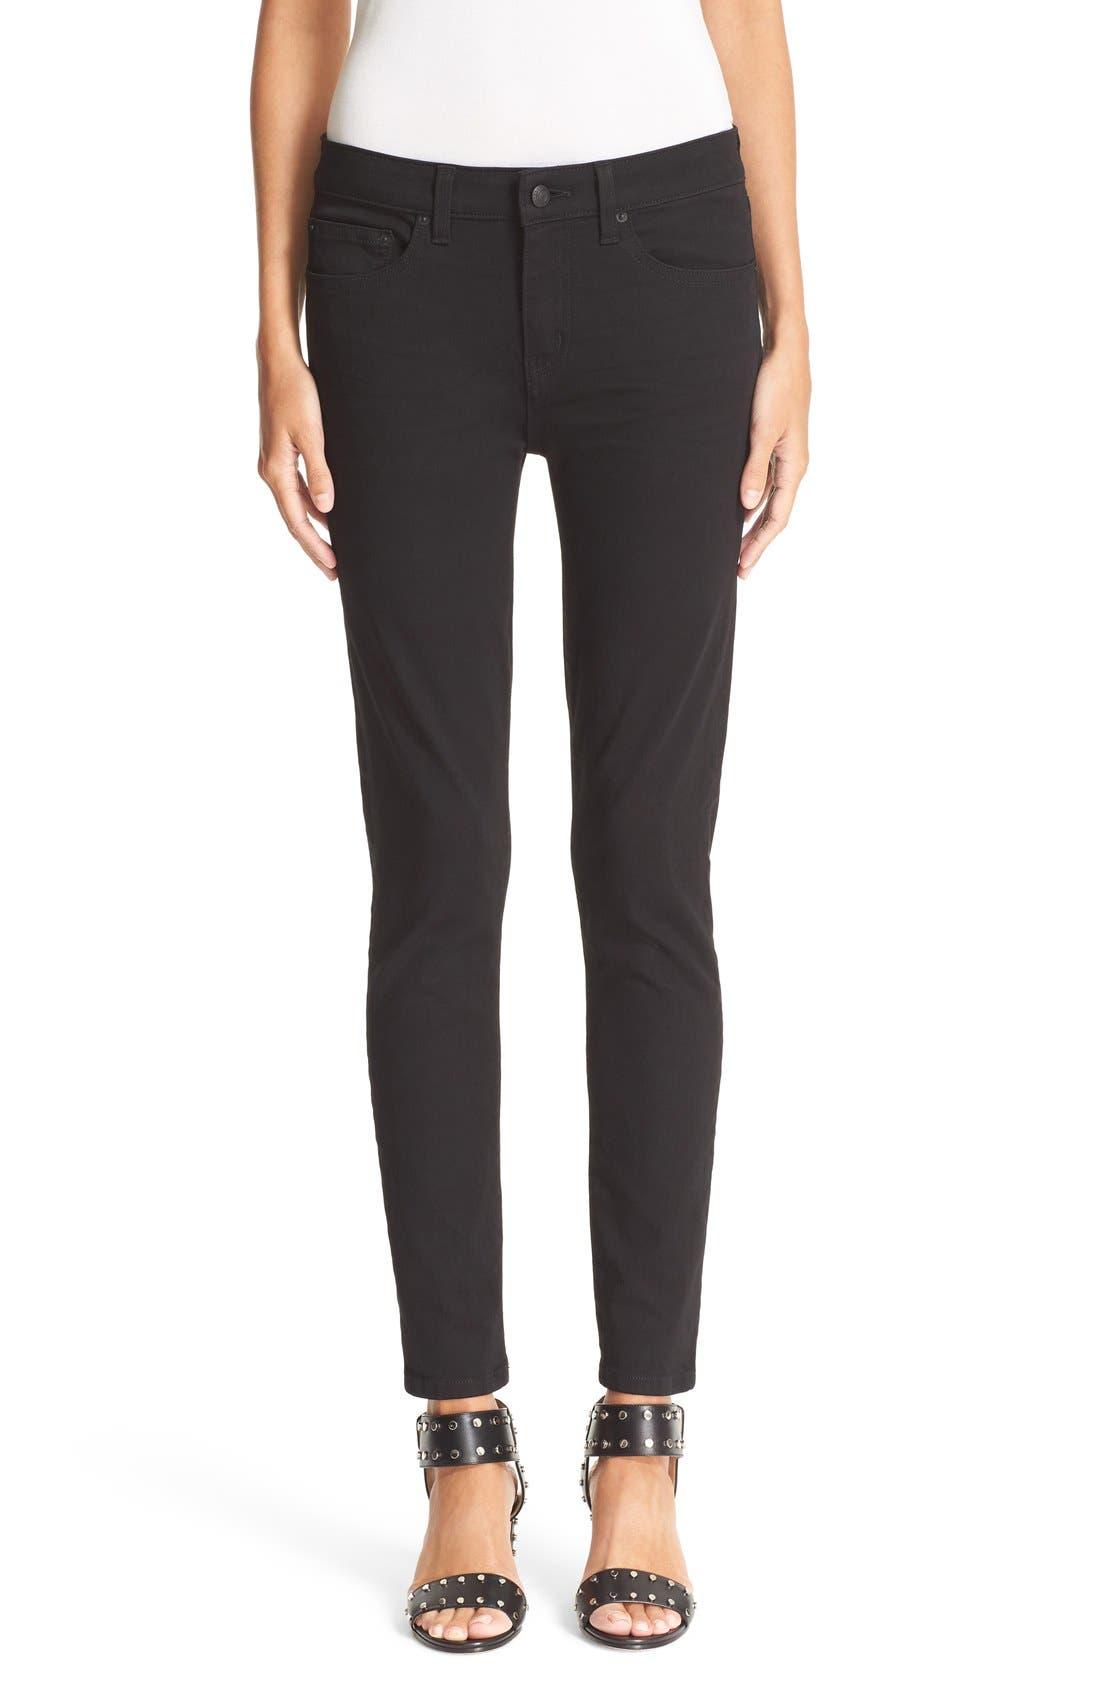 Derek Lam 10 Crosby Authentic Skinny Jeans